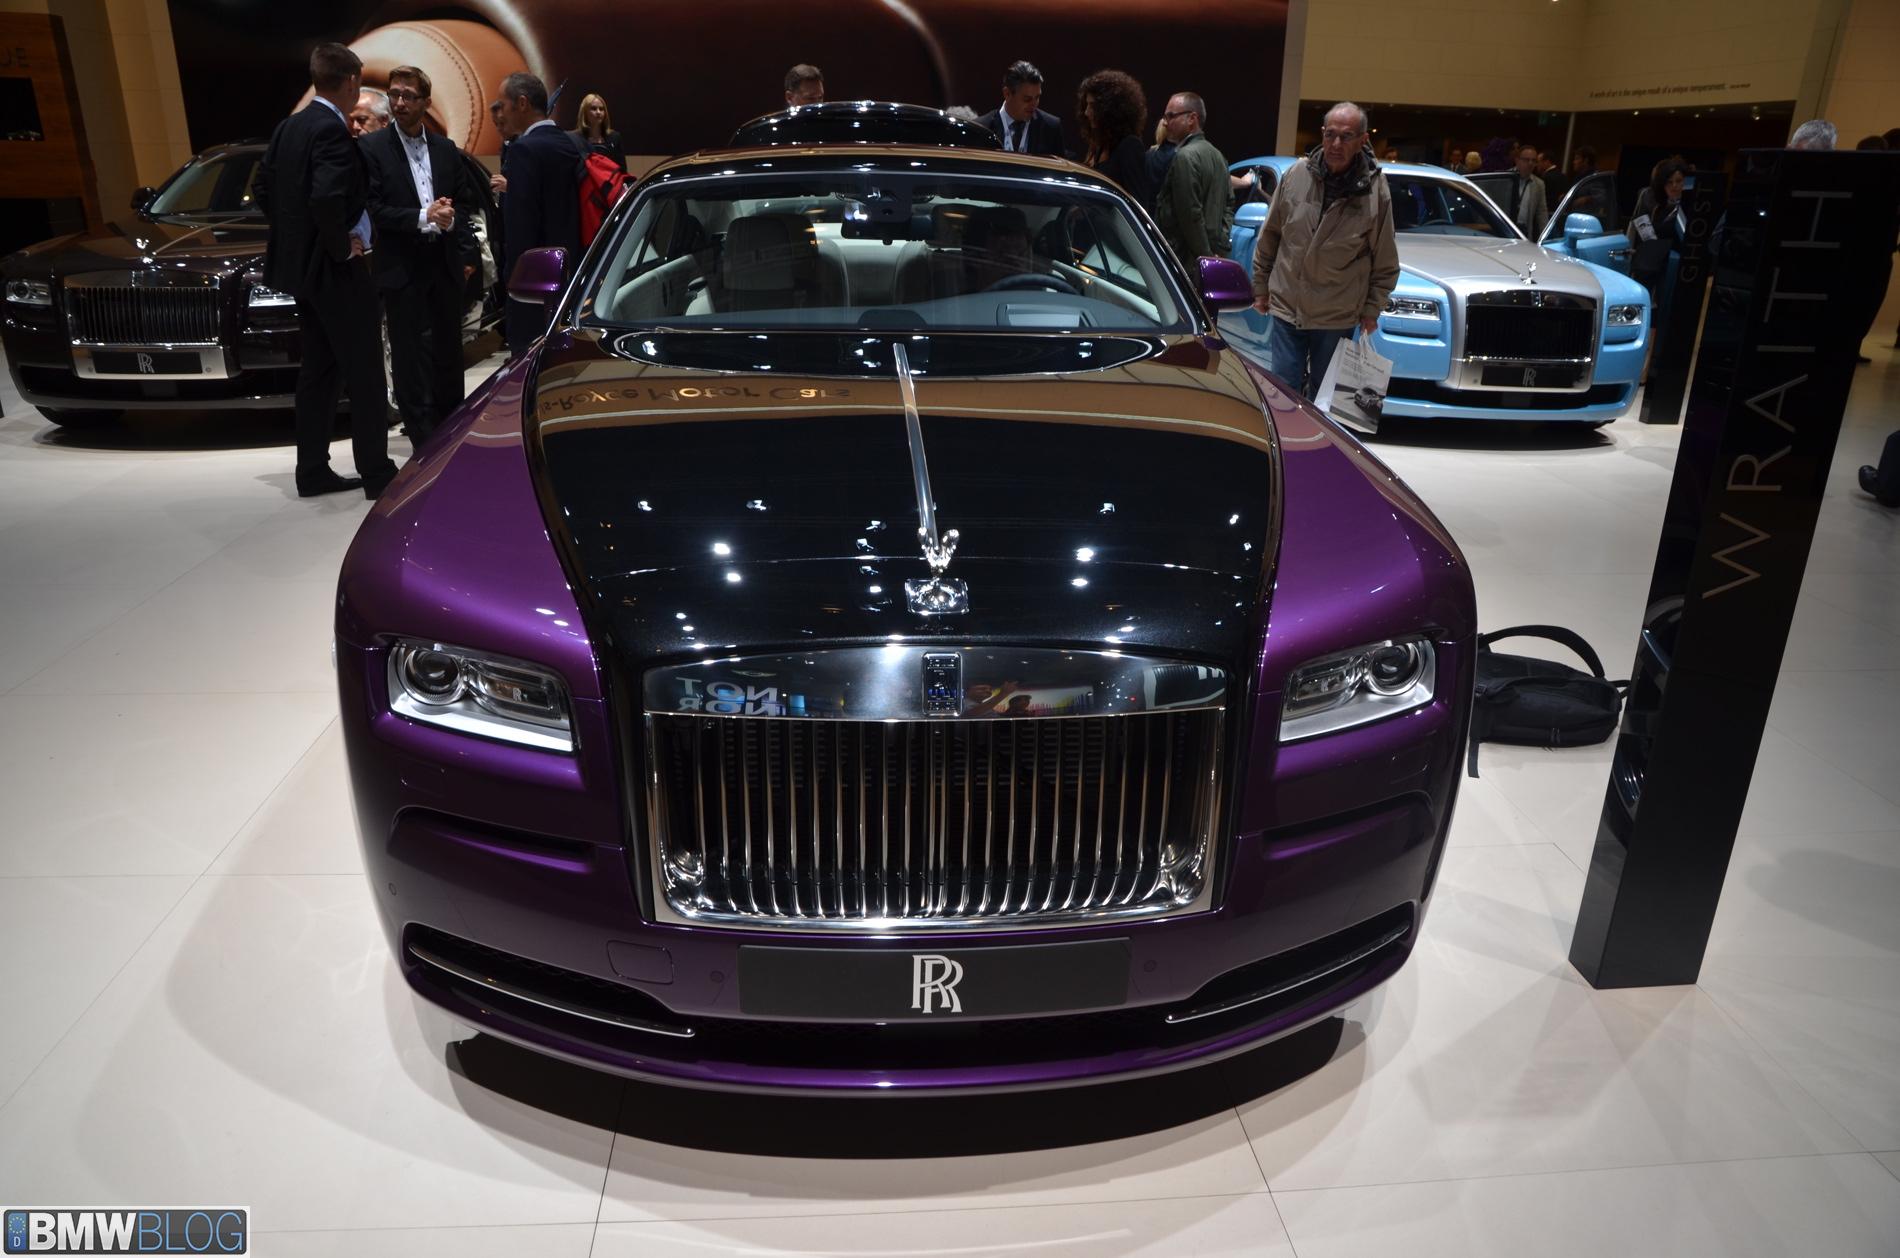 2013 Frankfurt Auto Show Rolls Royce Wraith And Celestial Phantom